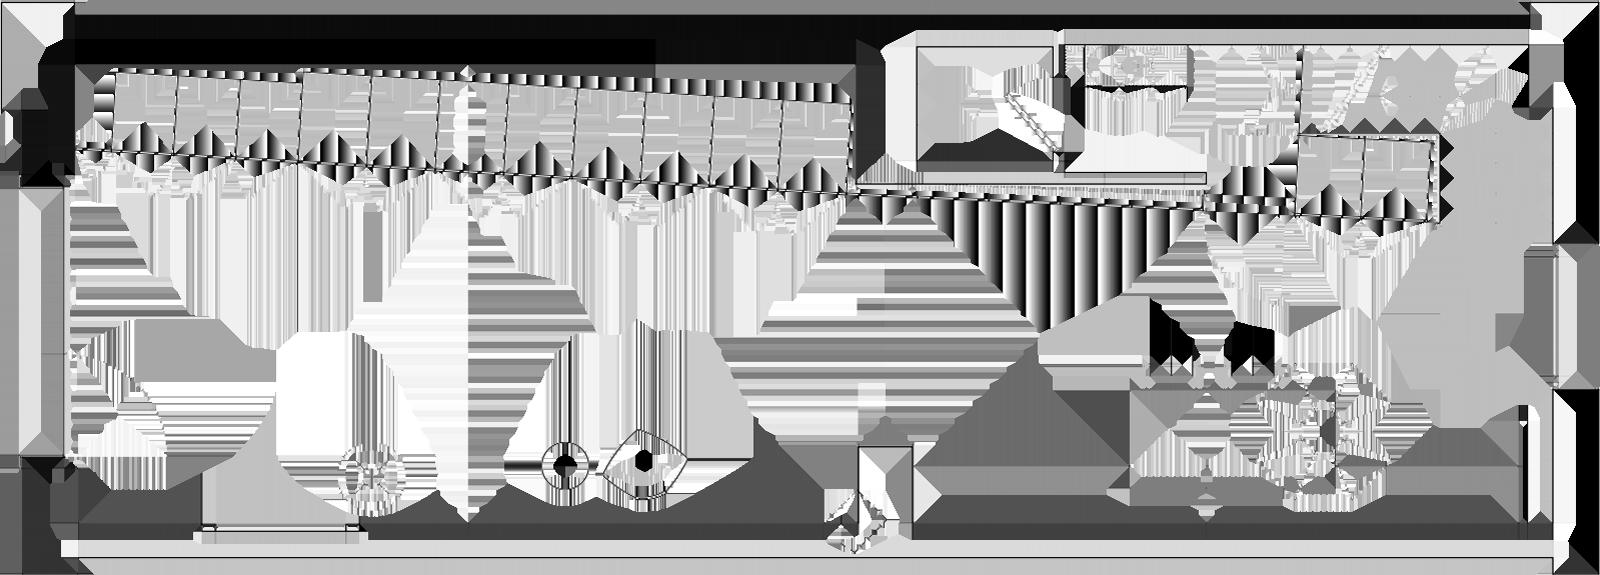 livello-info-pt